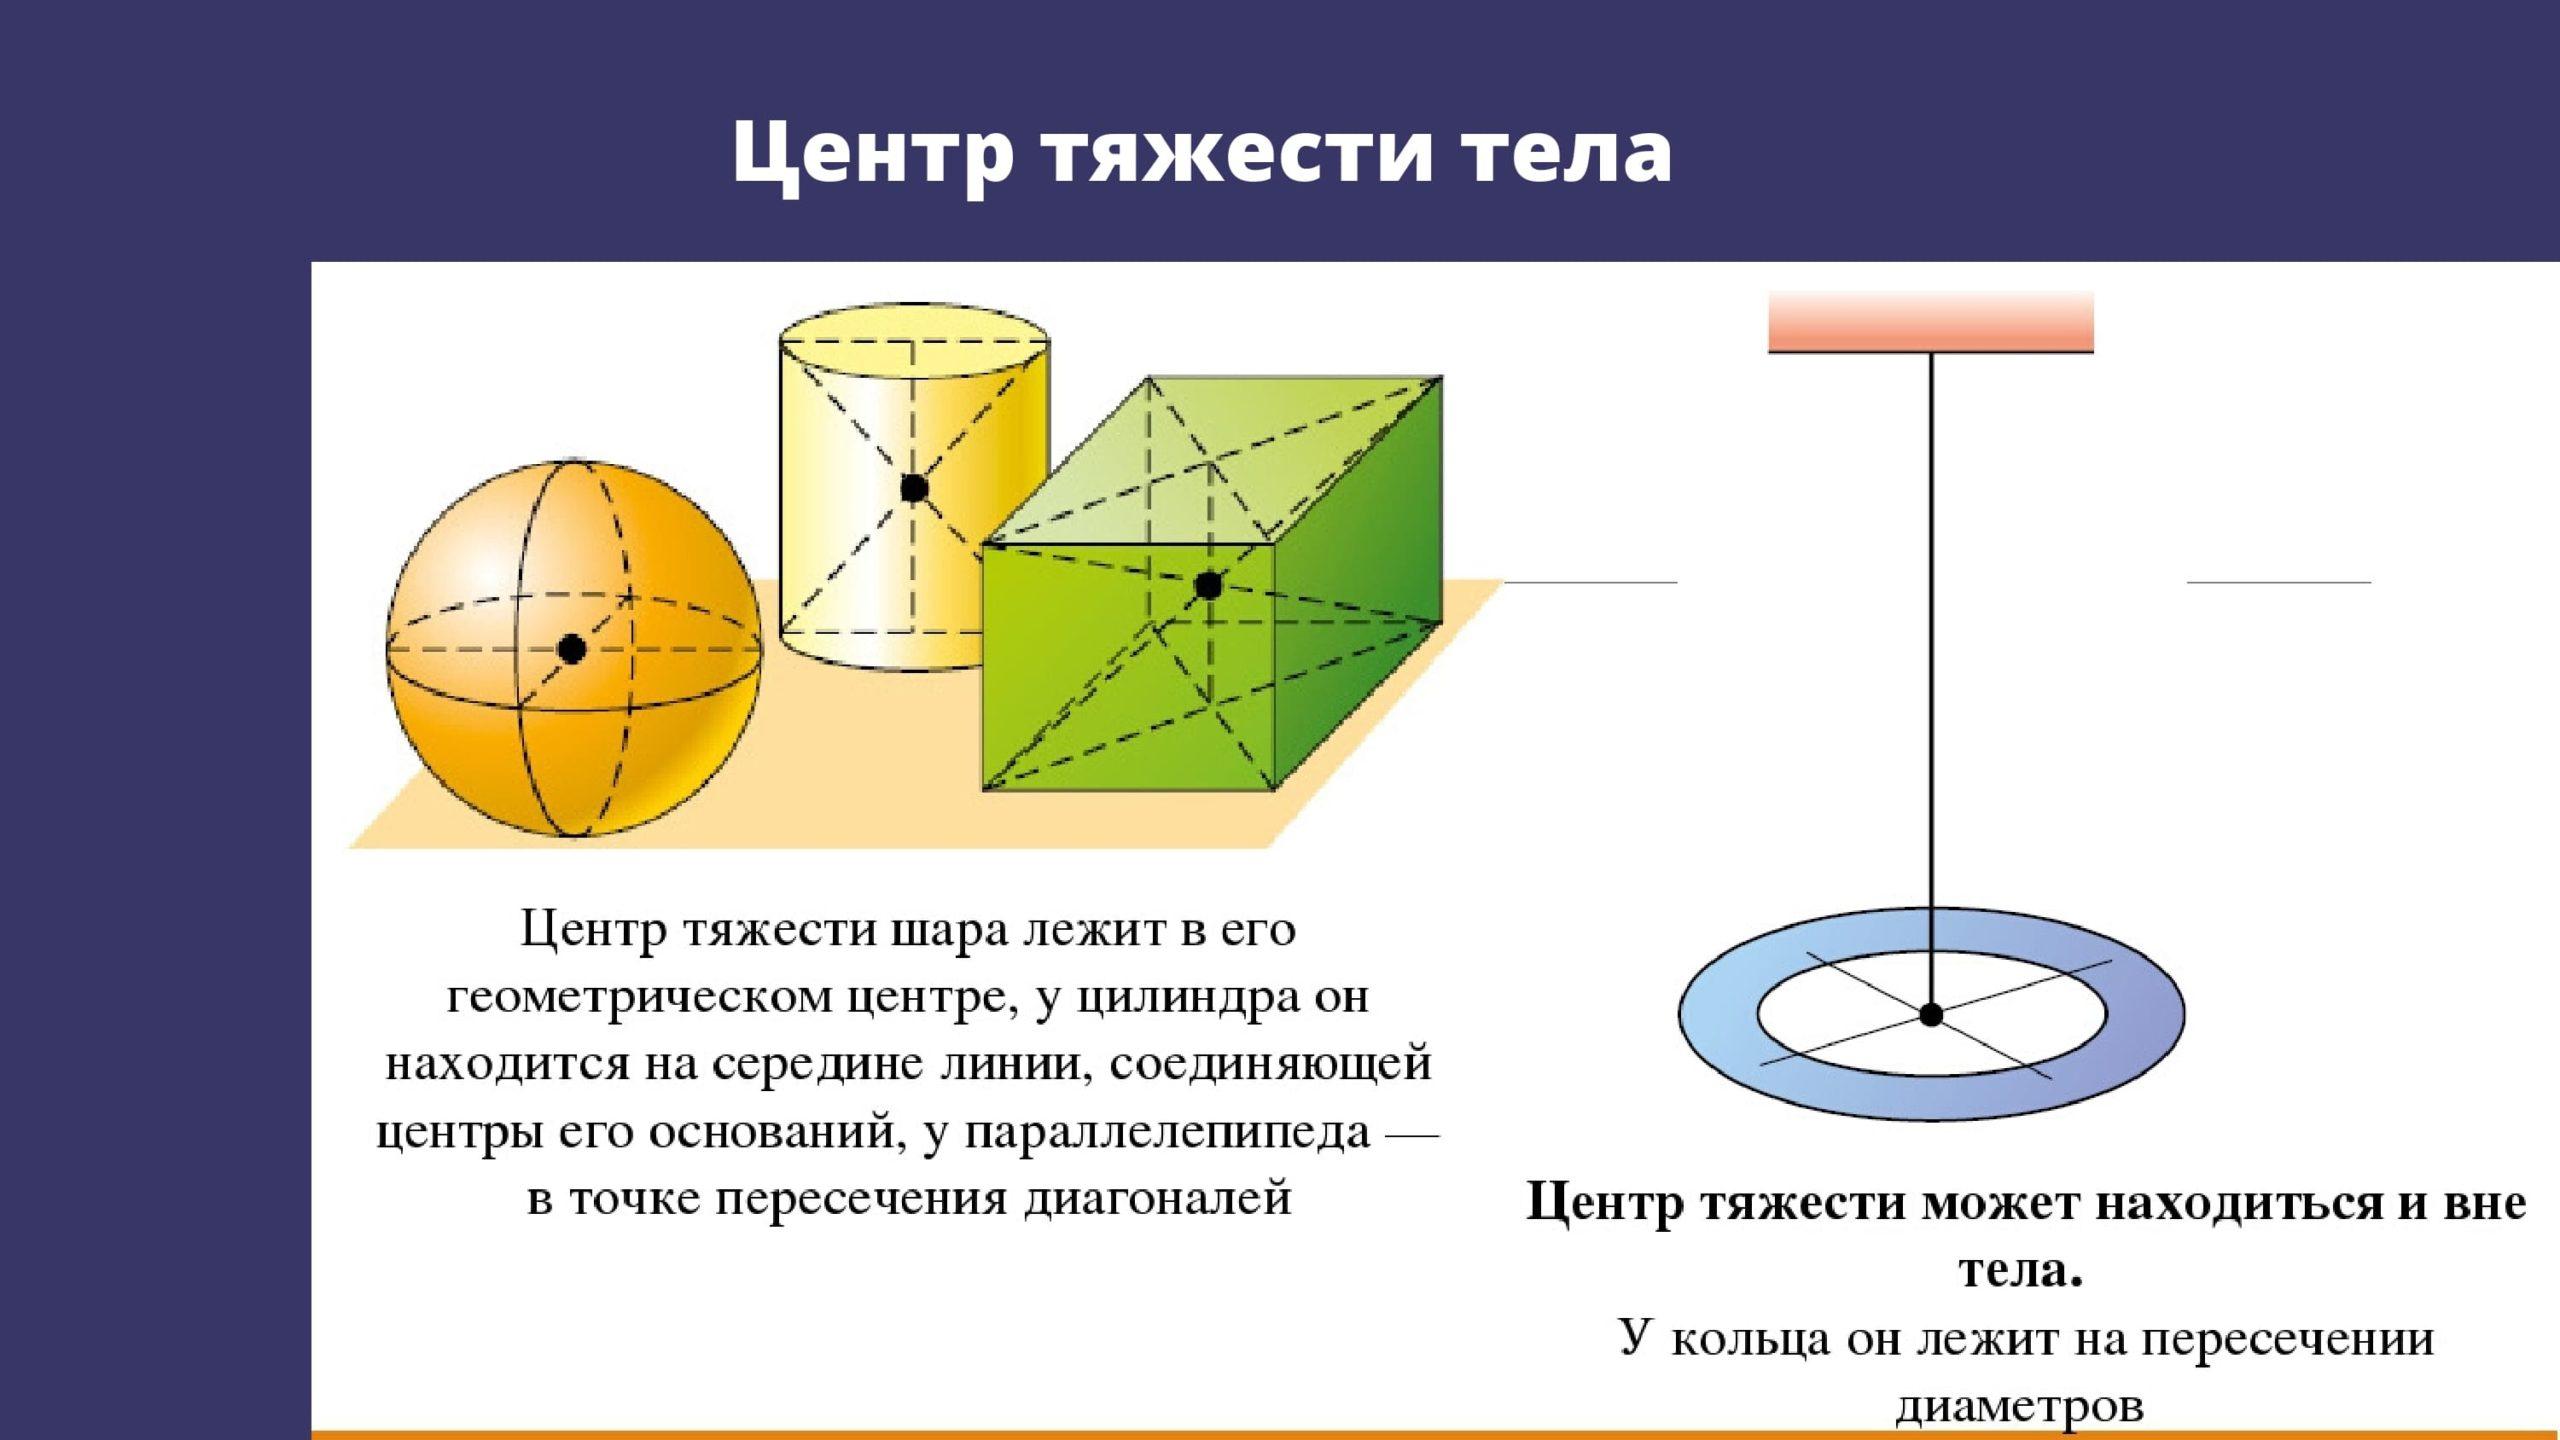 Центр тяжести тела